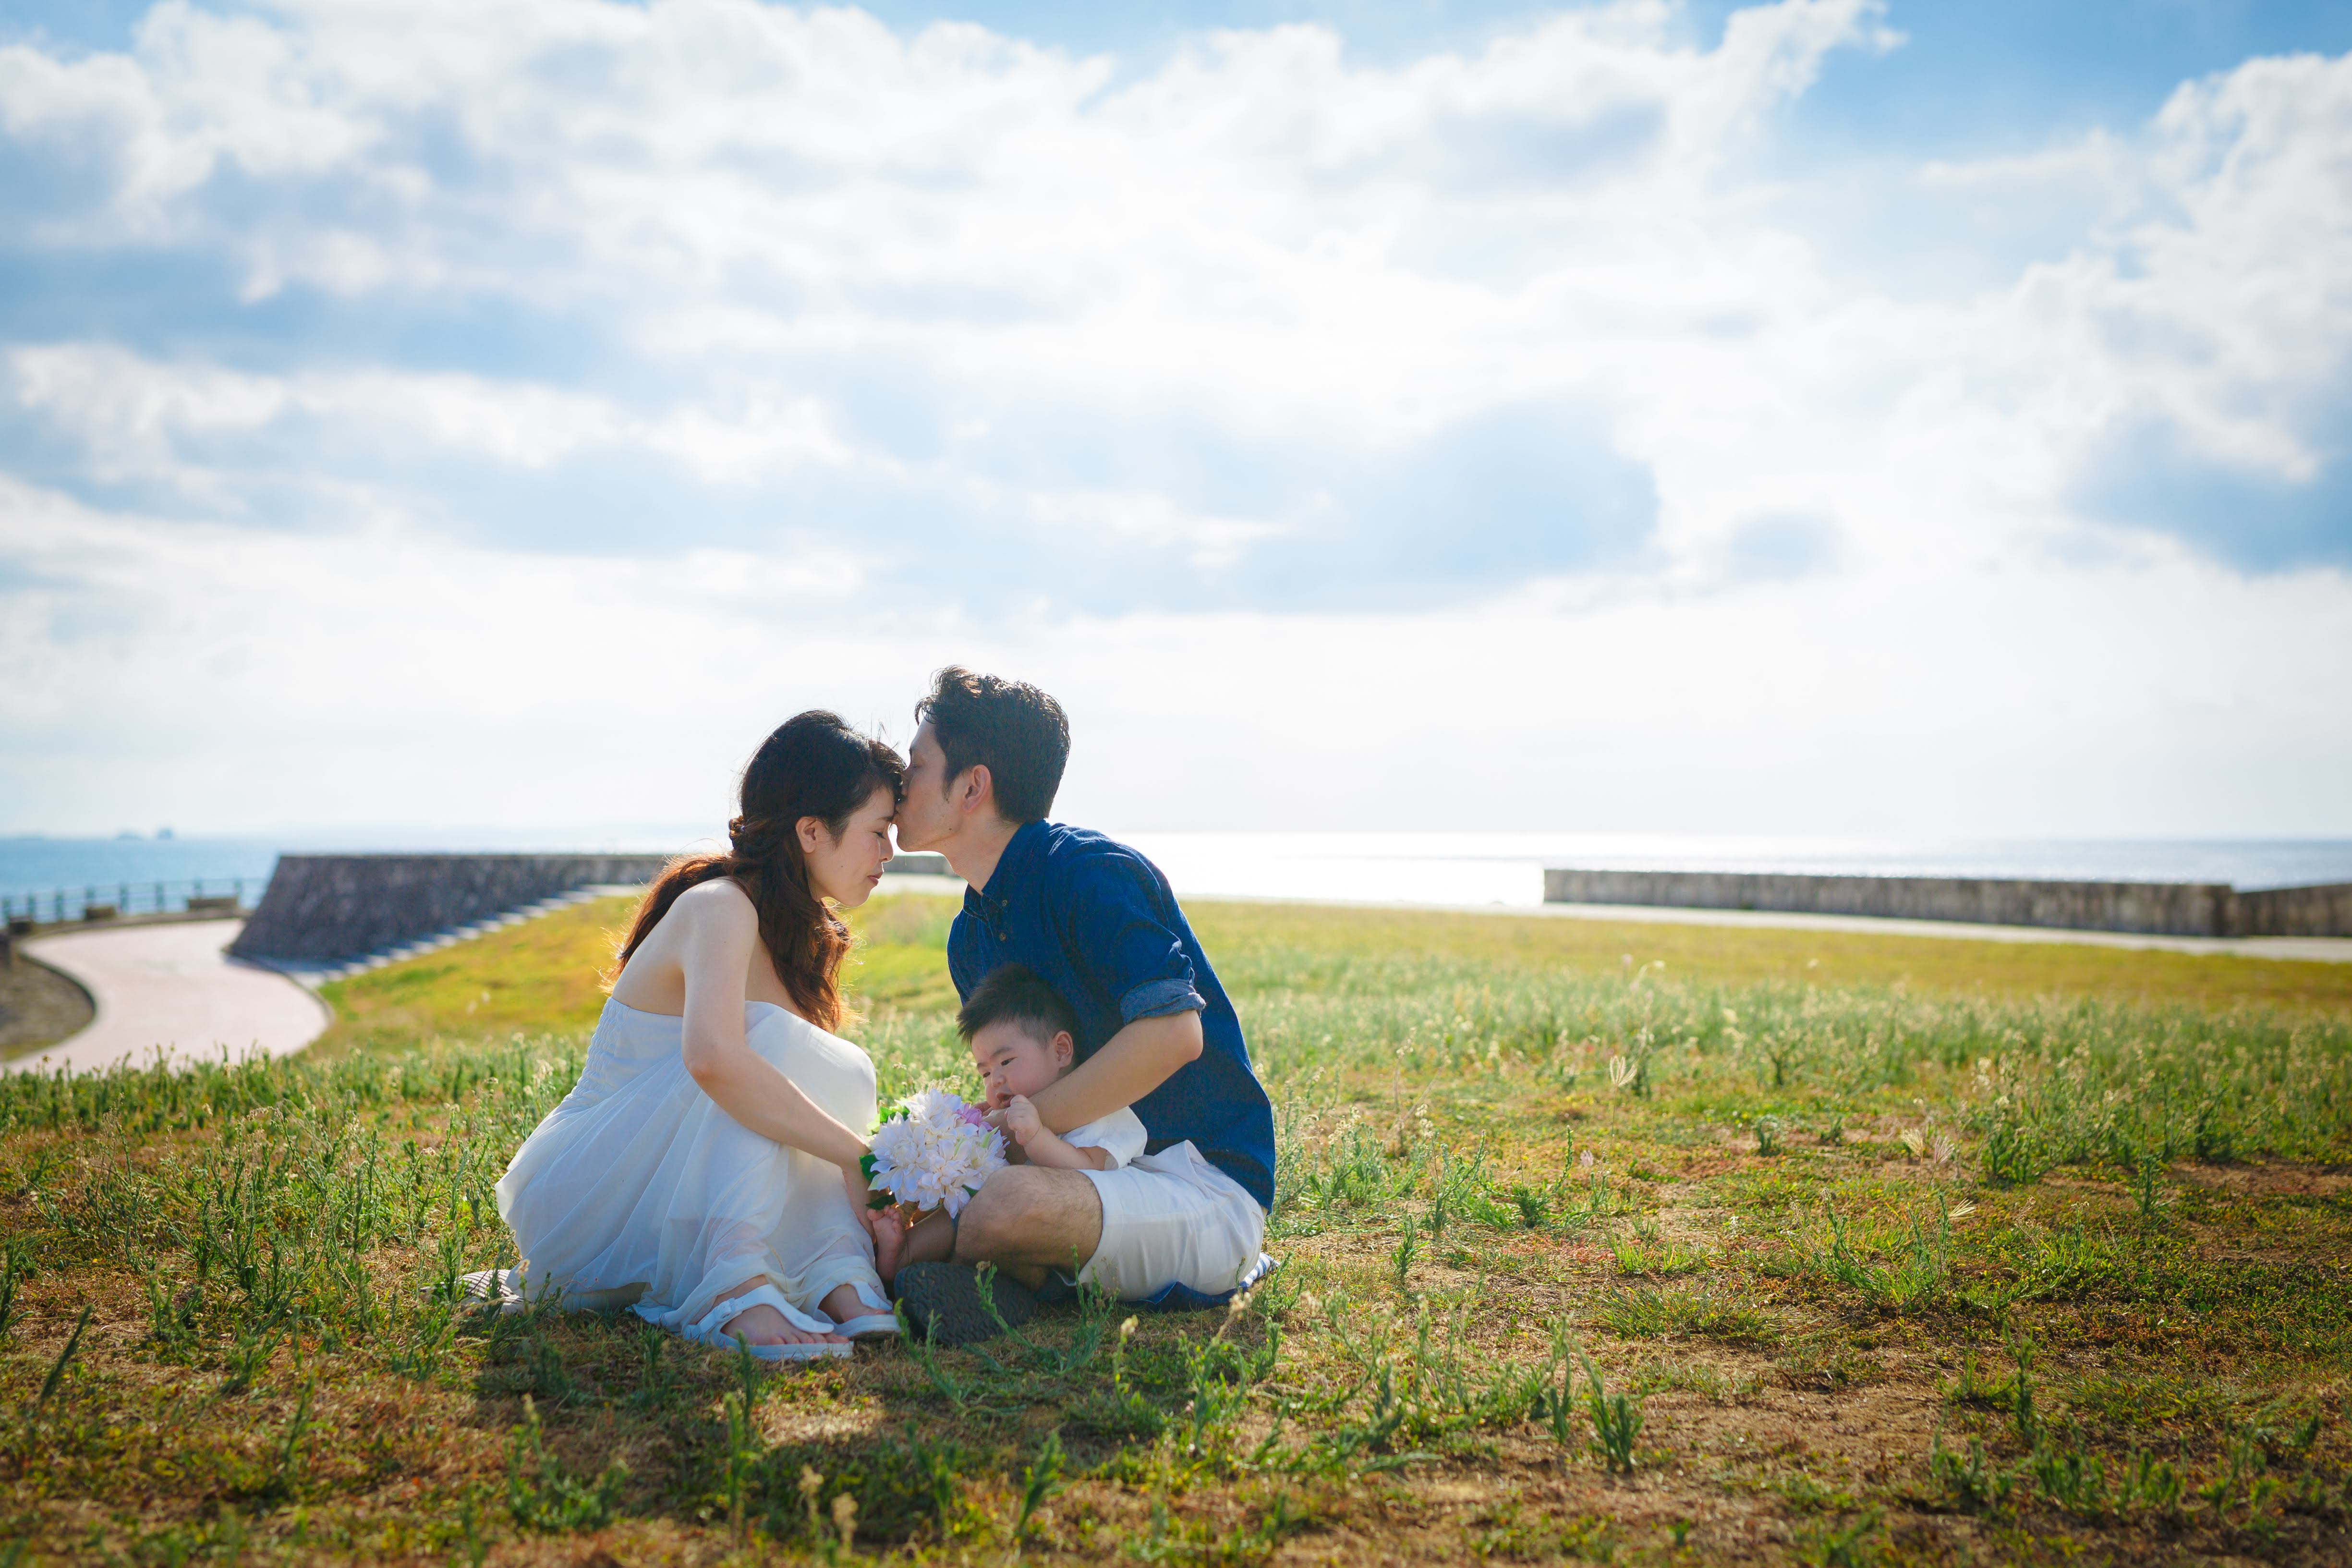 okinawa_taira04